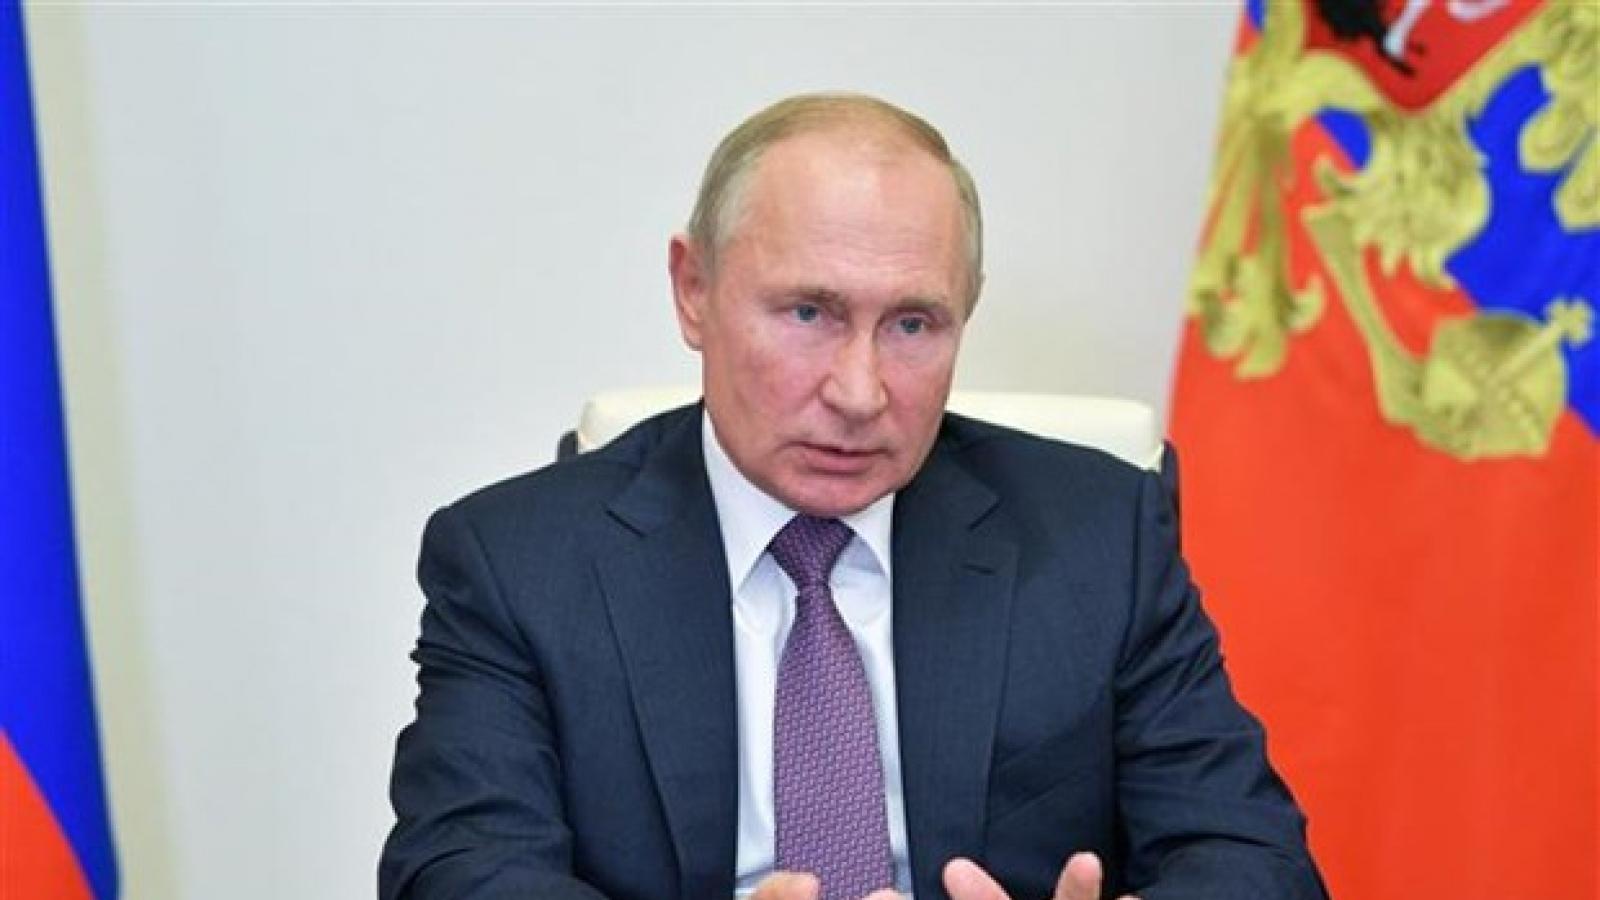 Tổng thống Putin gửi thông điệp cứng rắn tới Mỹ trước thềm thượng đỉnh tại Geneva